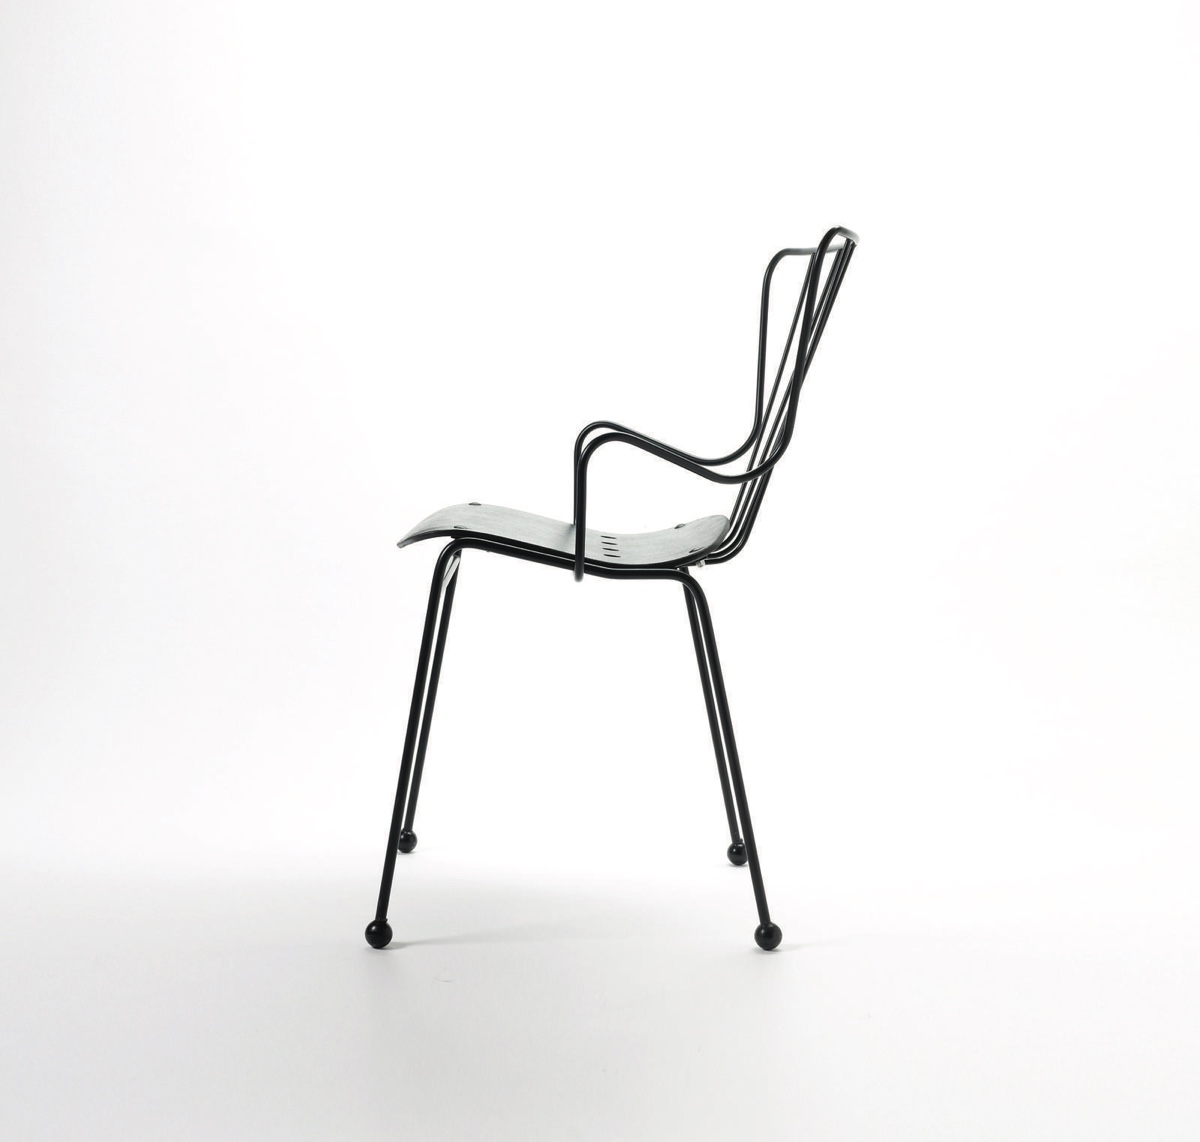 Antelope chair in black